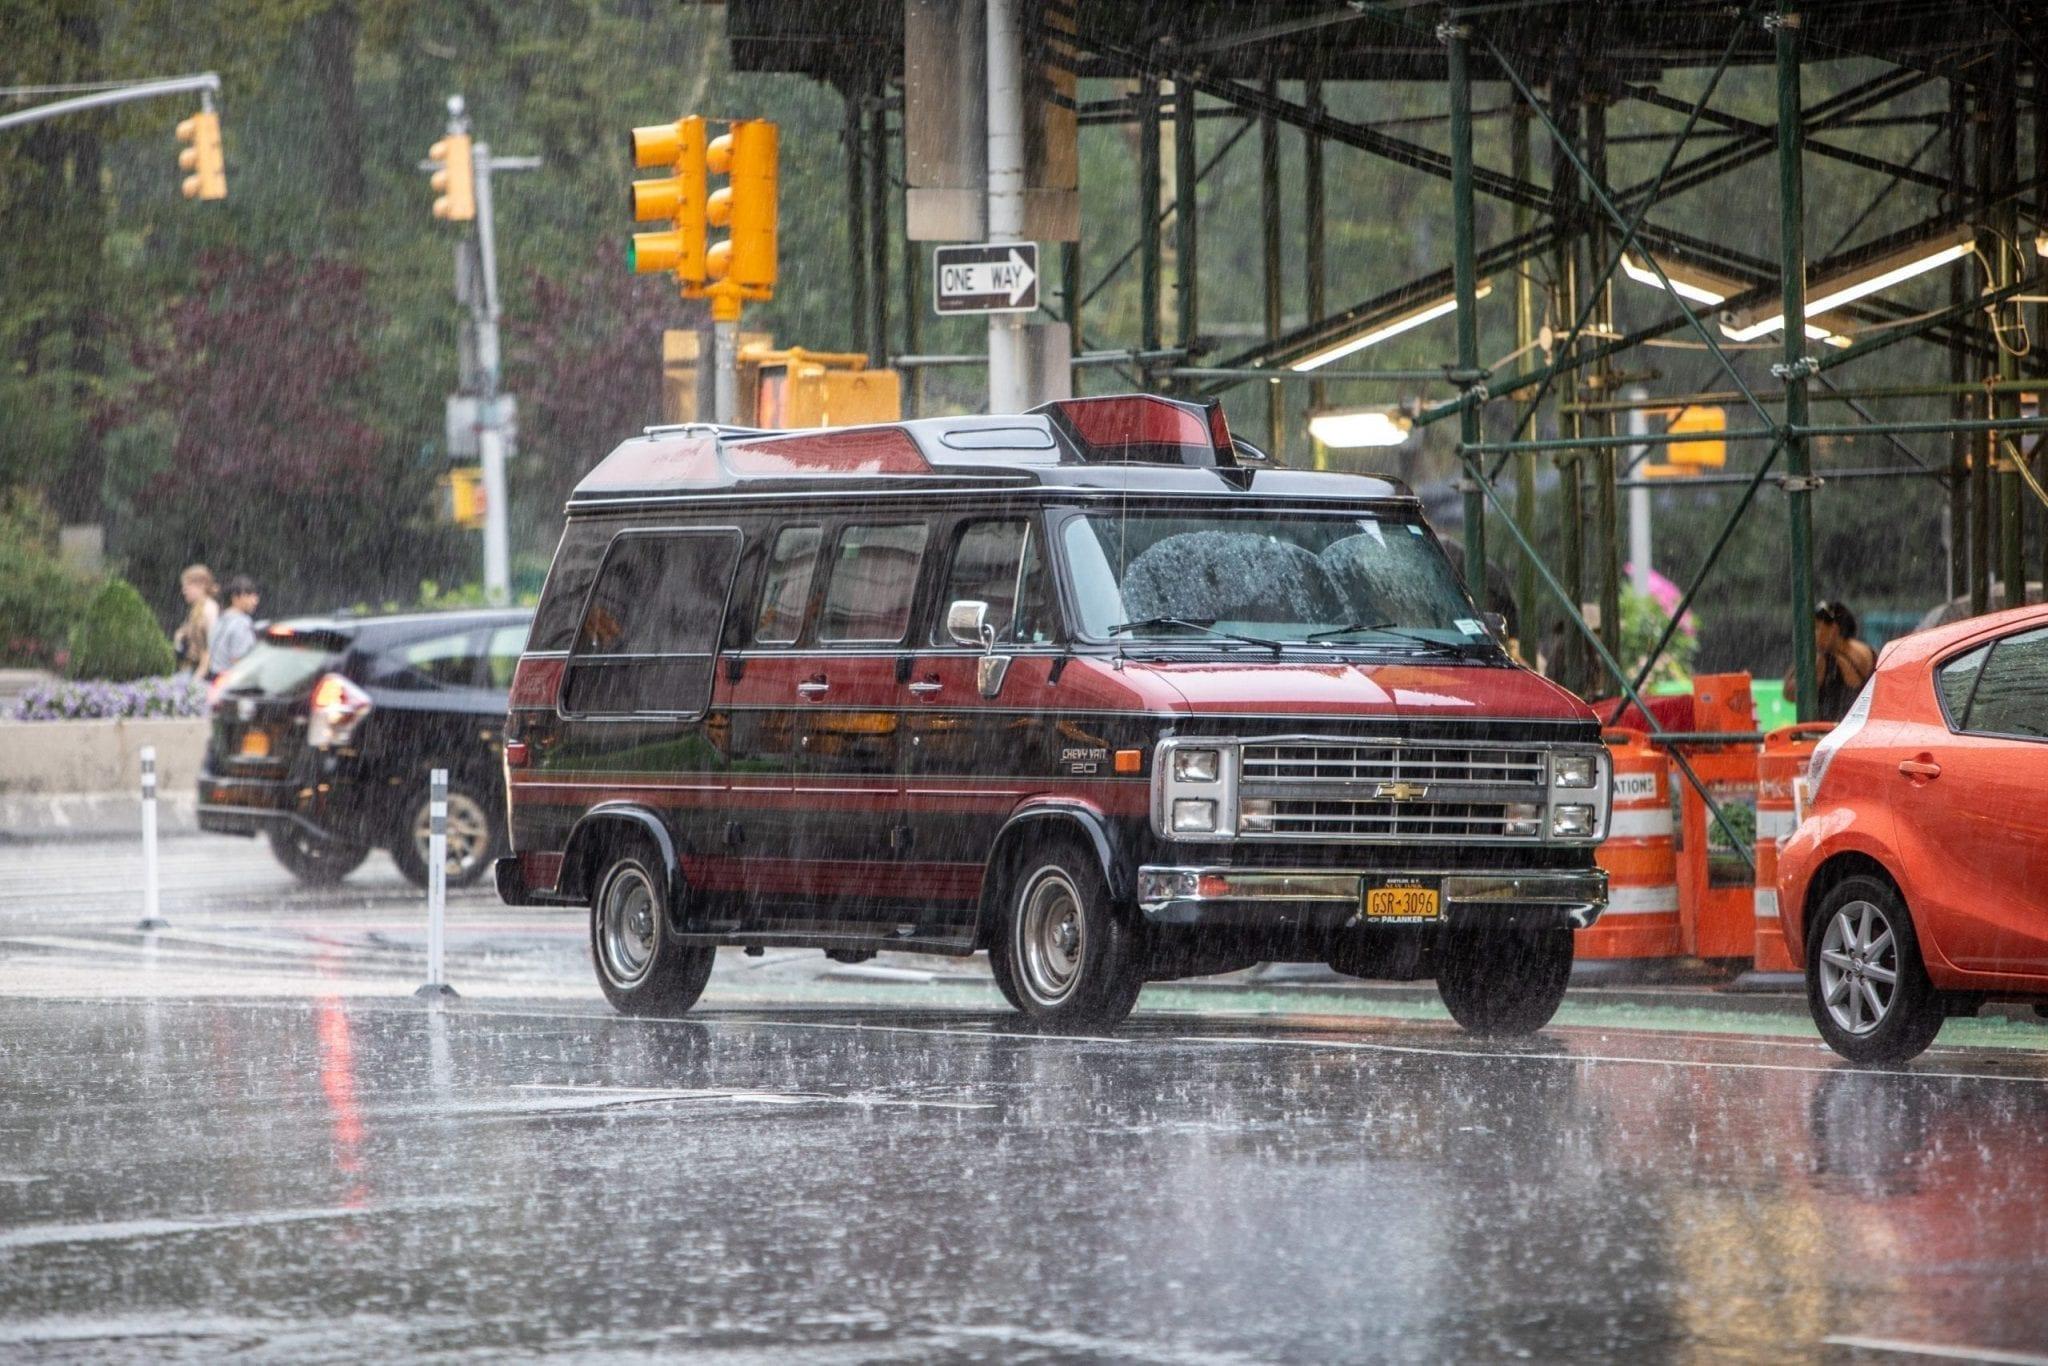 Sous la pluie New York, photo et reportage de voyage Studio End en Aveyron